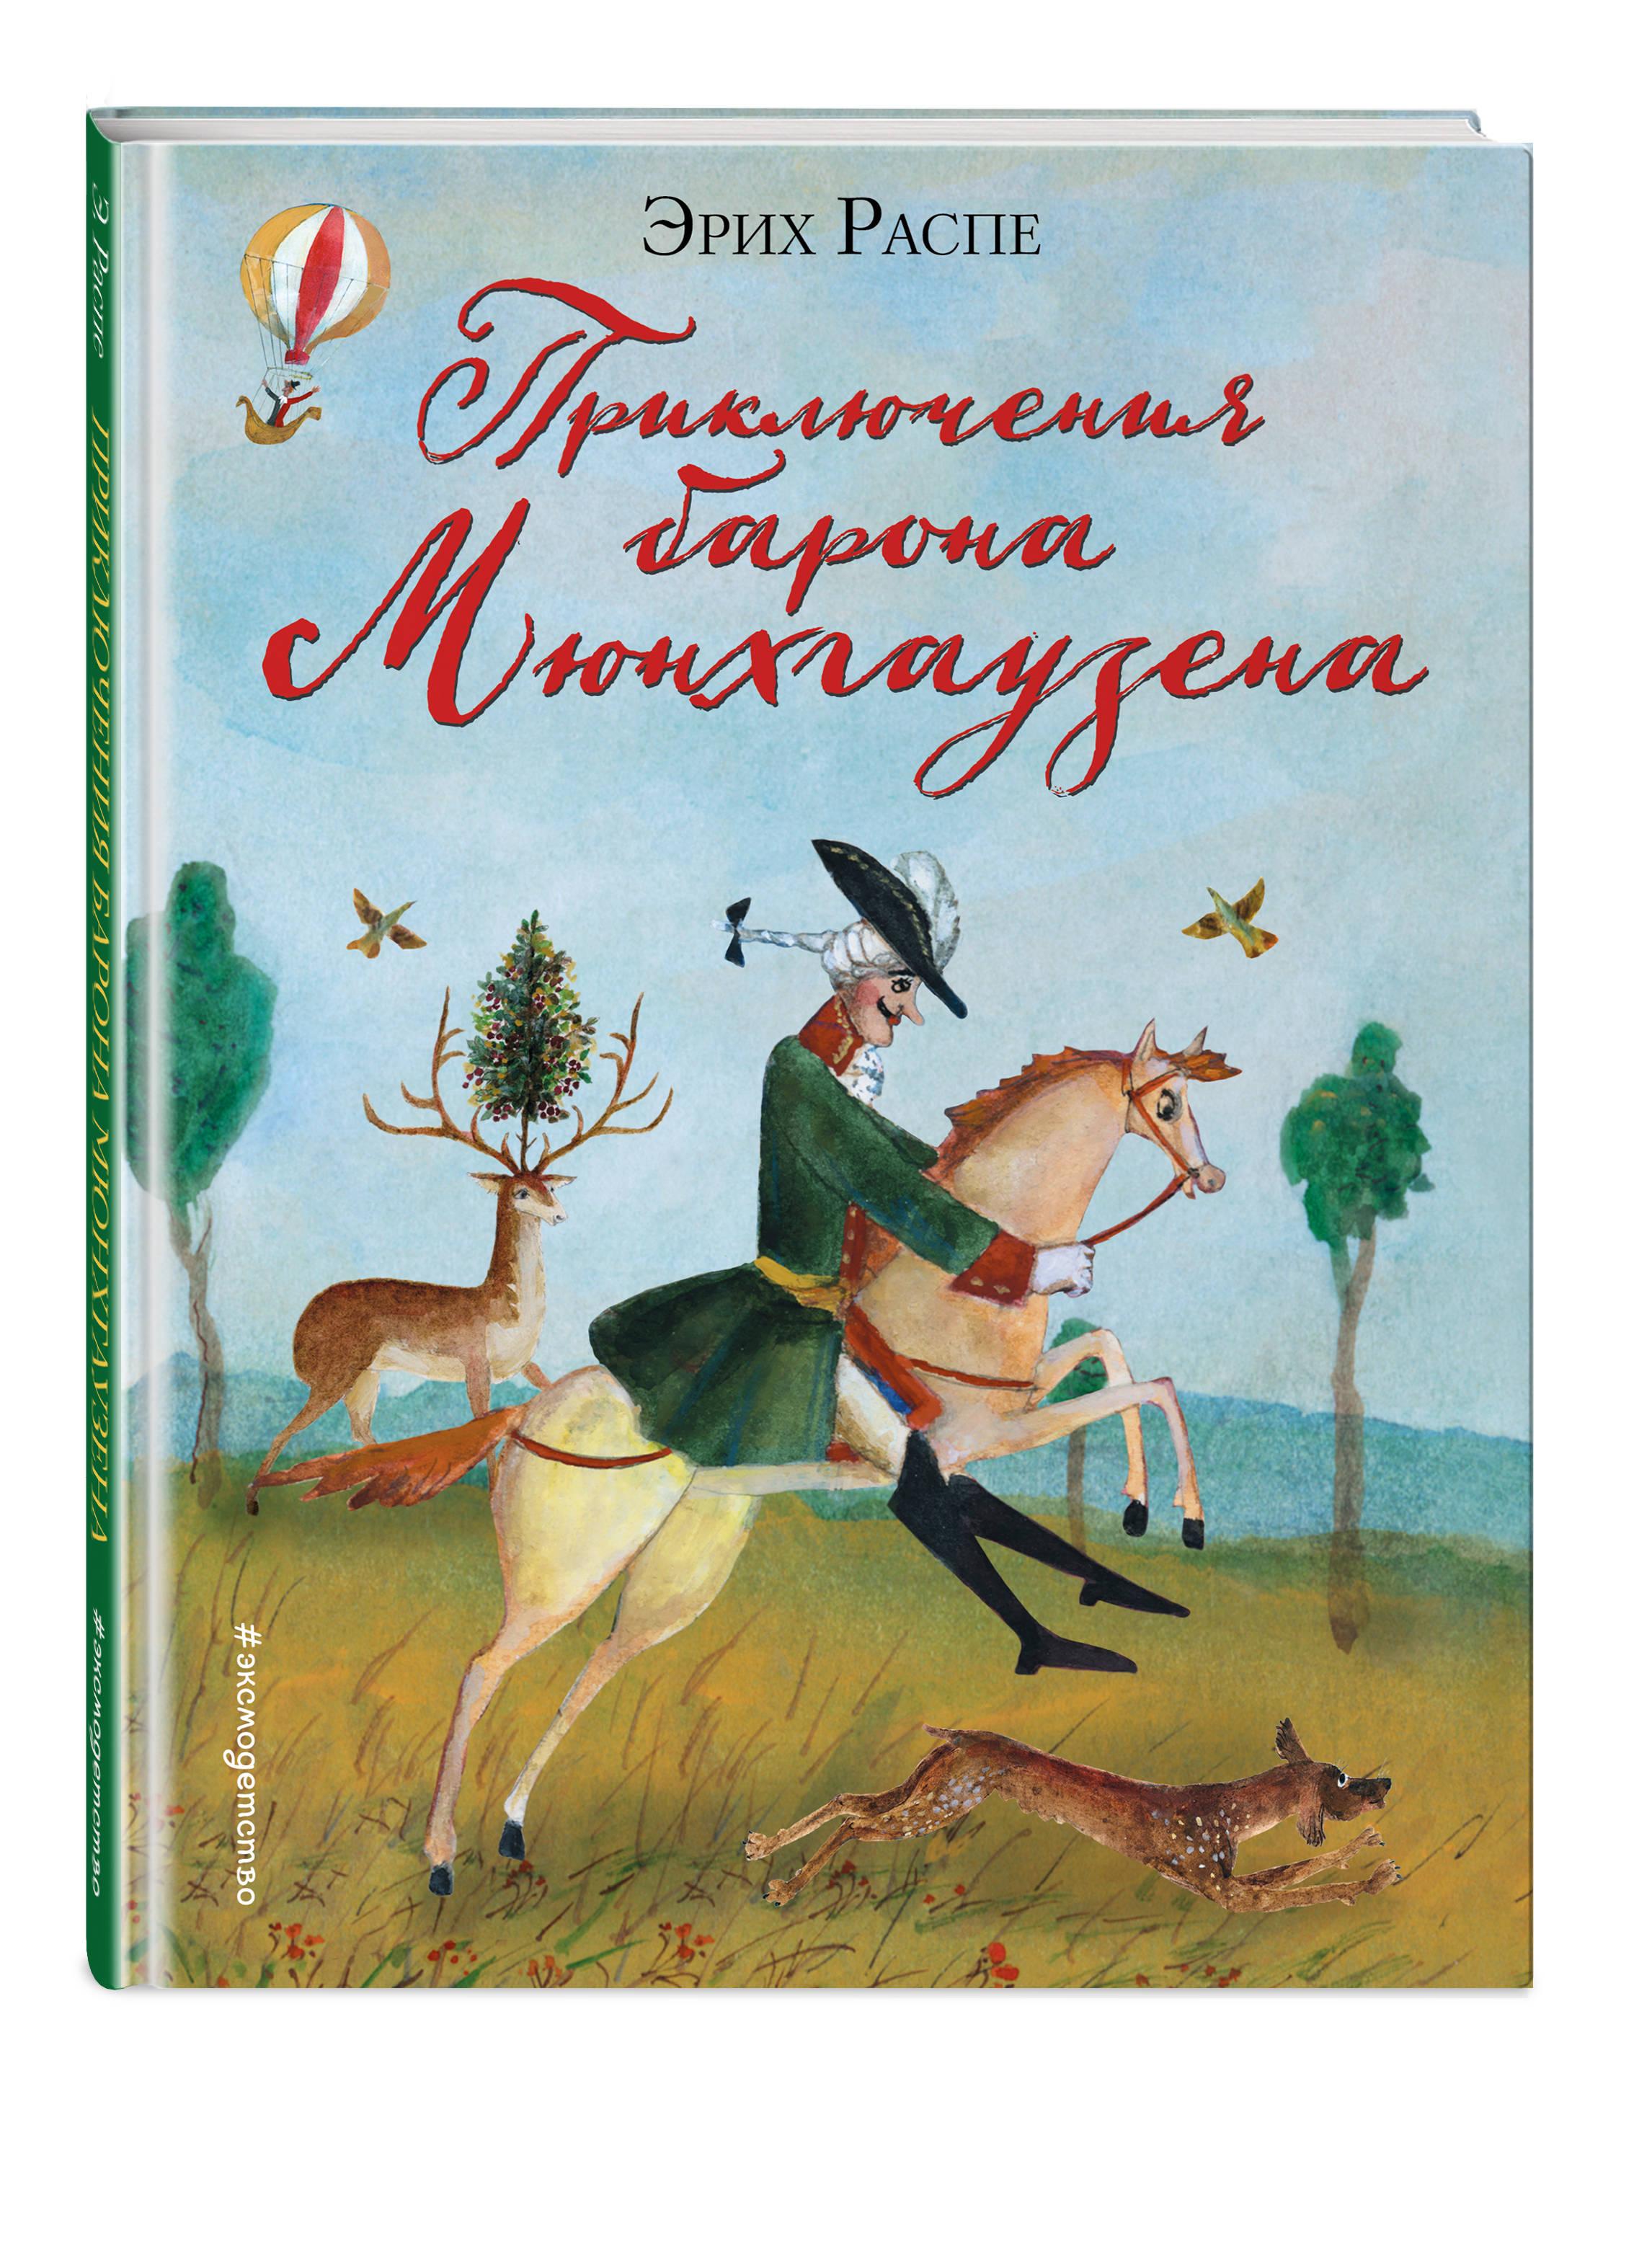 Эрих Распе Приключения барона Мюнхгаузена (ил. М. Федорова)